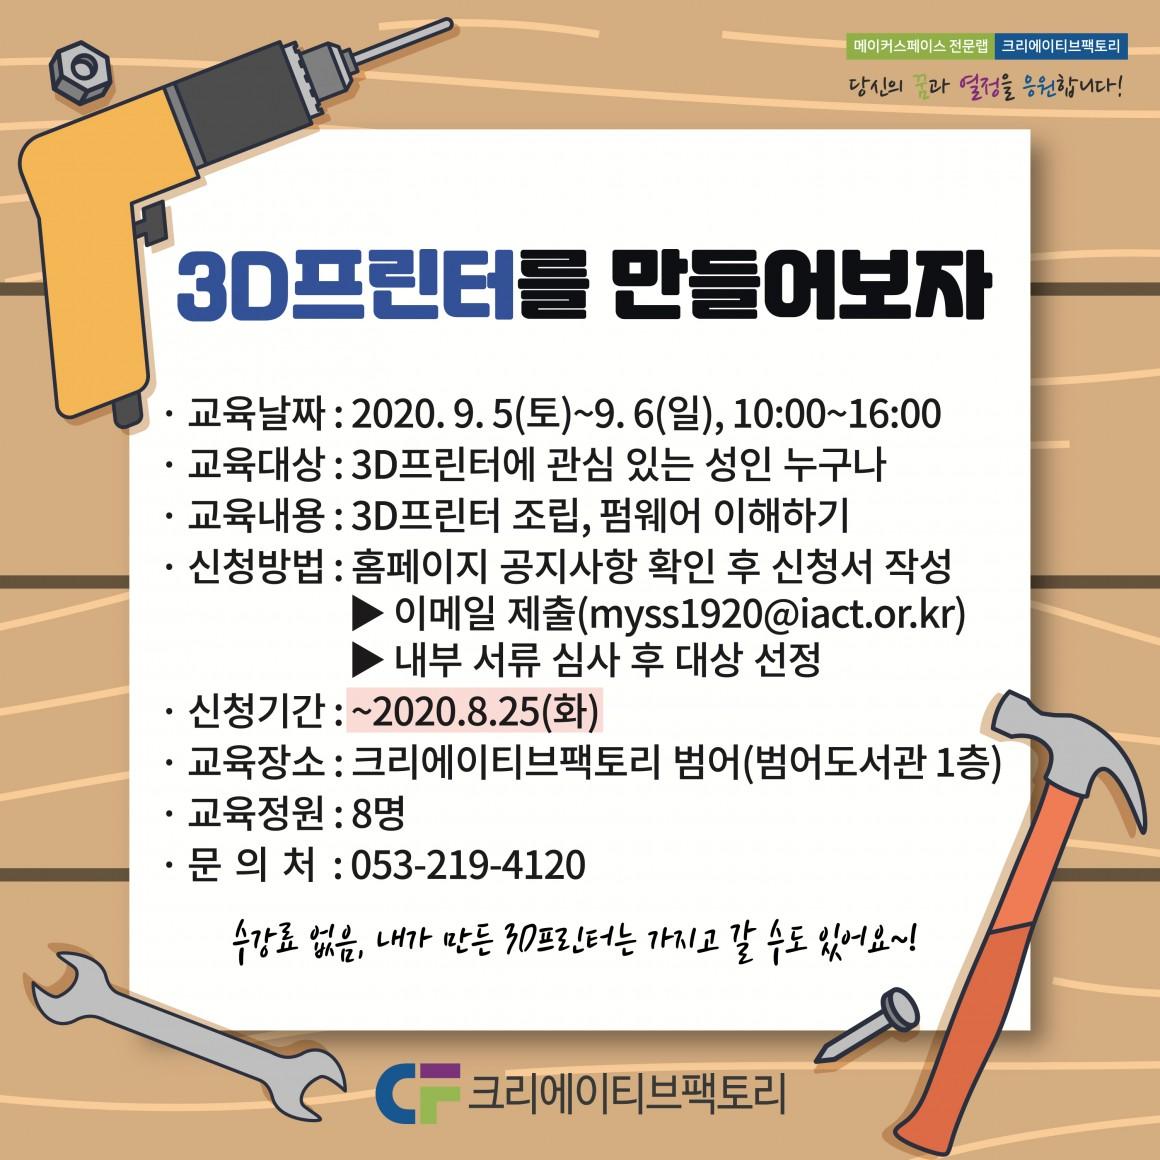 810e7d7152a0a406d060ac8e90579272_1597830422_3957.jpg